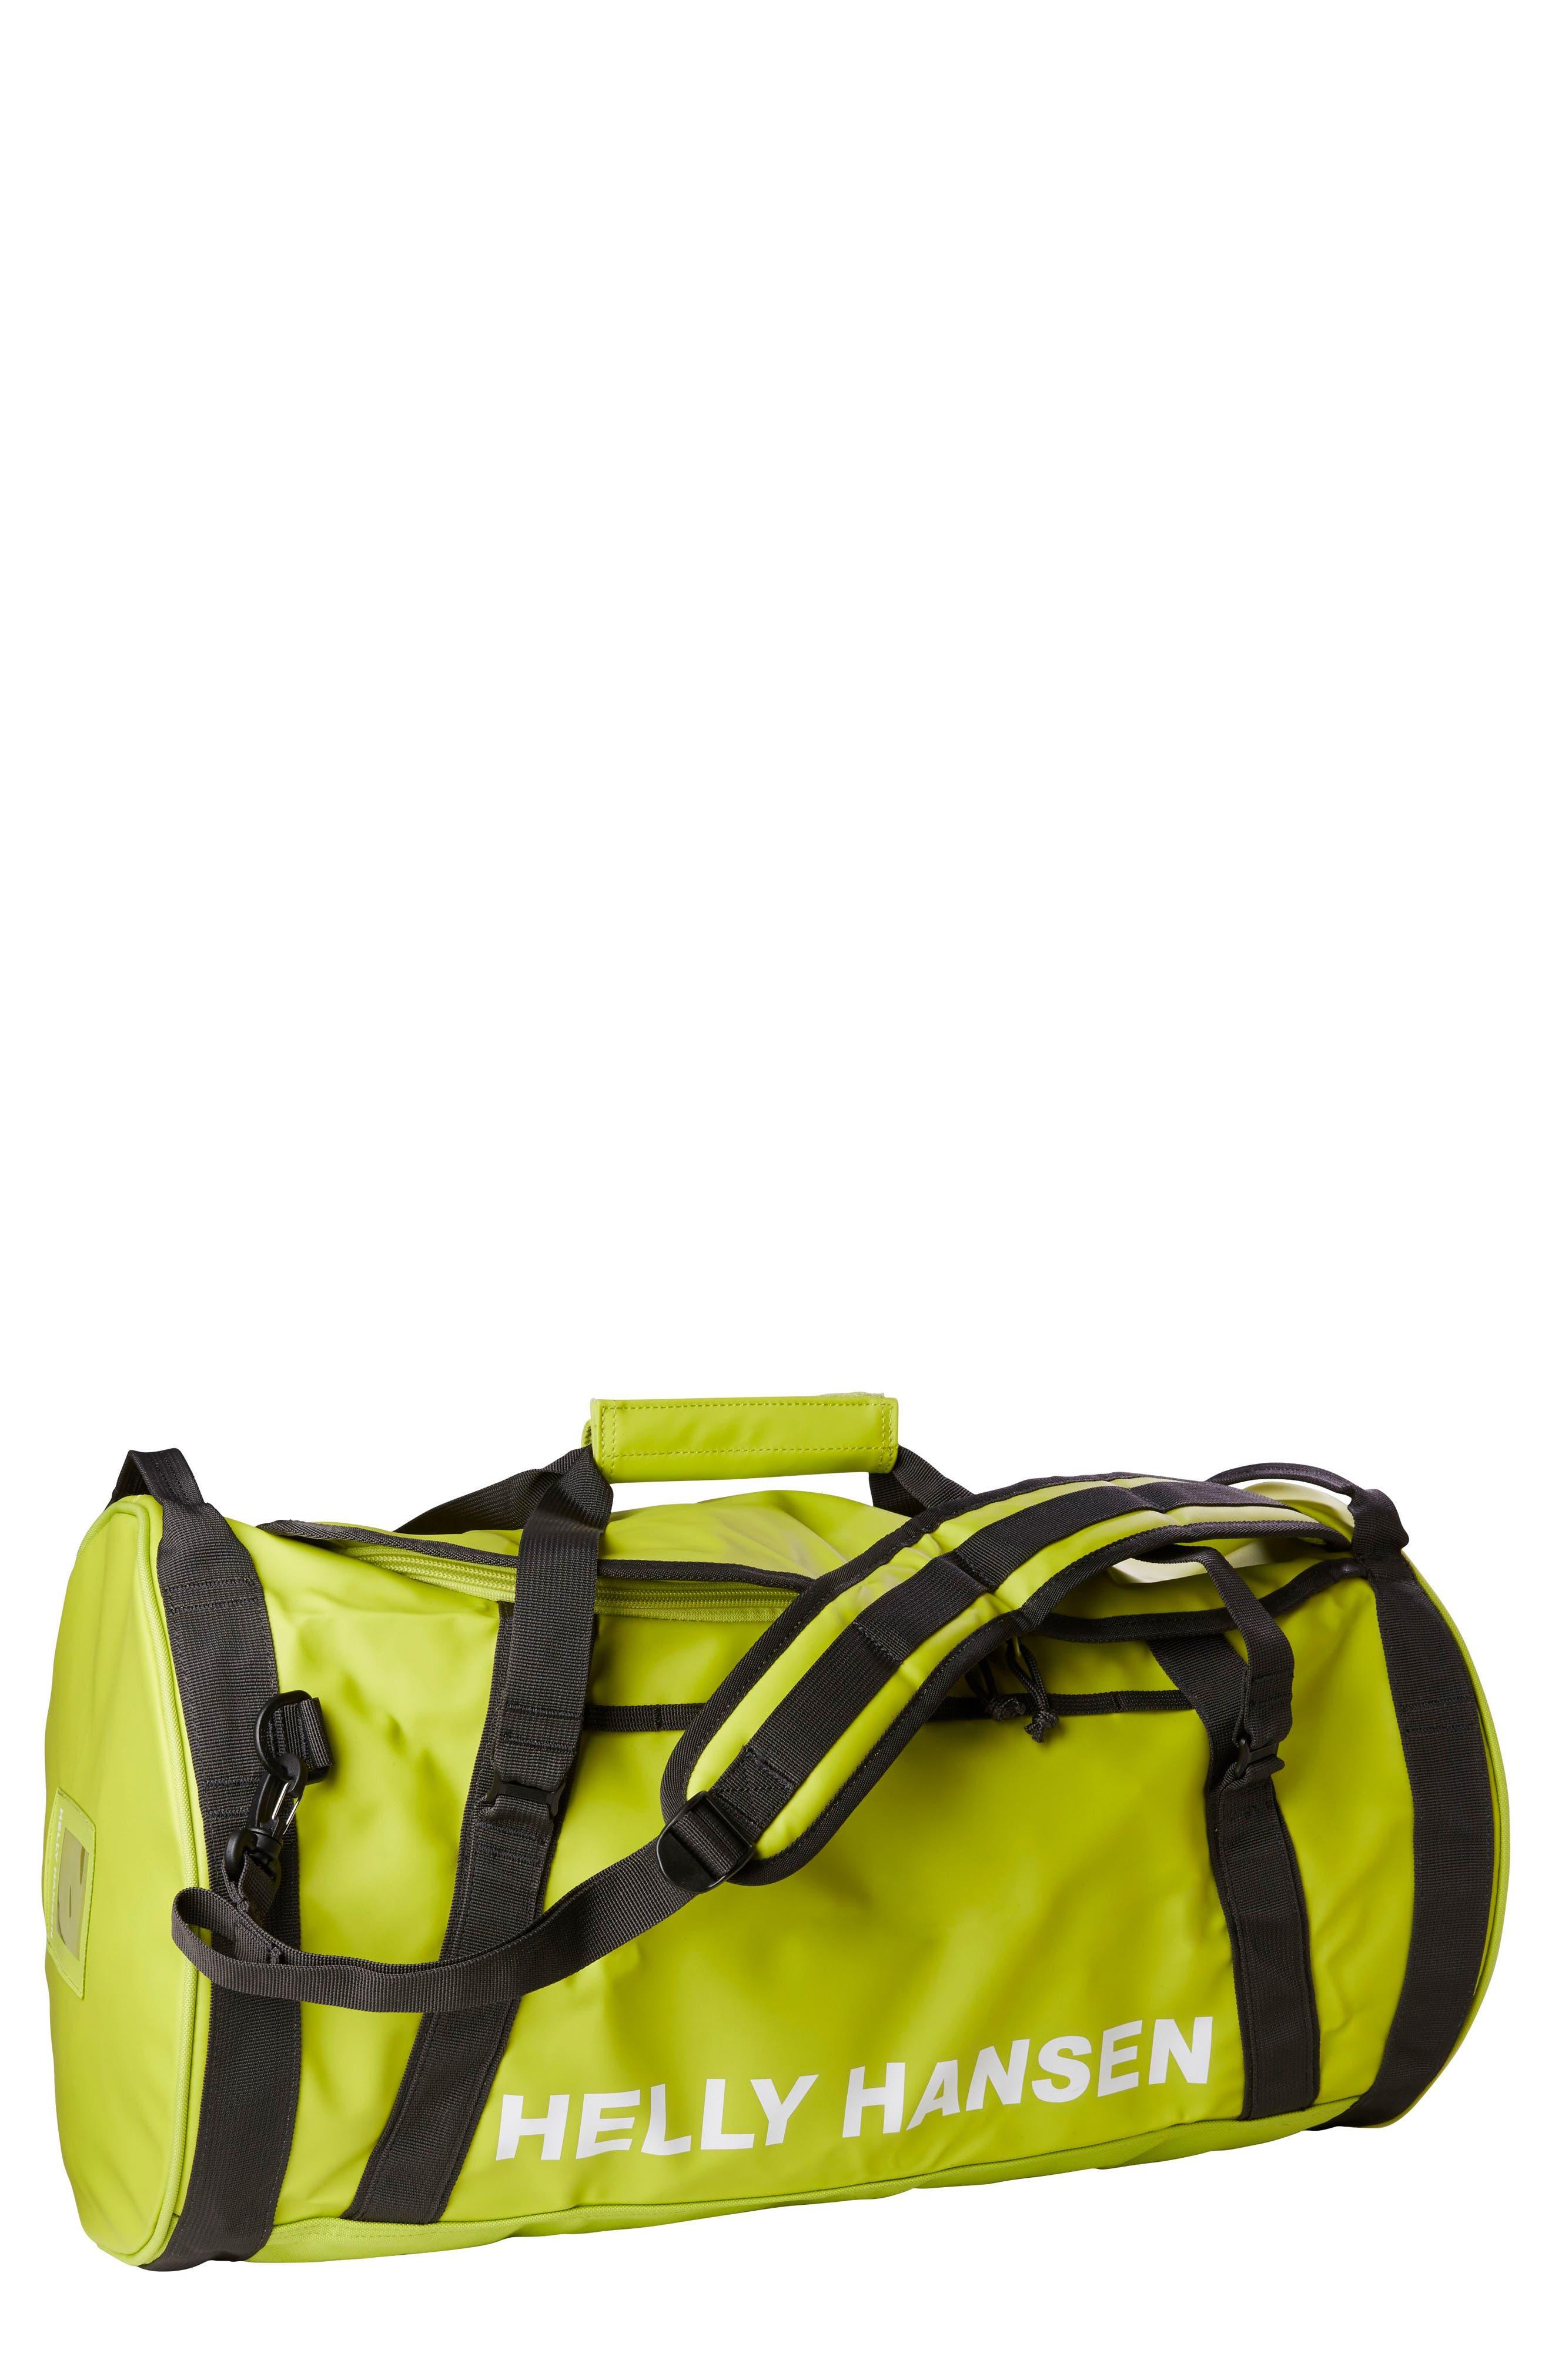 50-Liter Duffel Bag,                         Main,                         color, Black